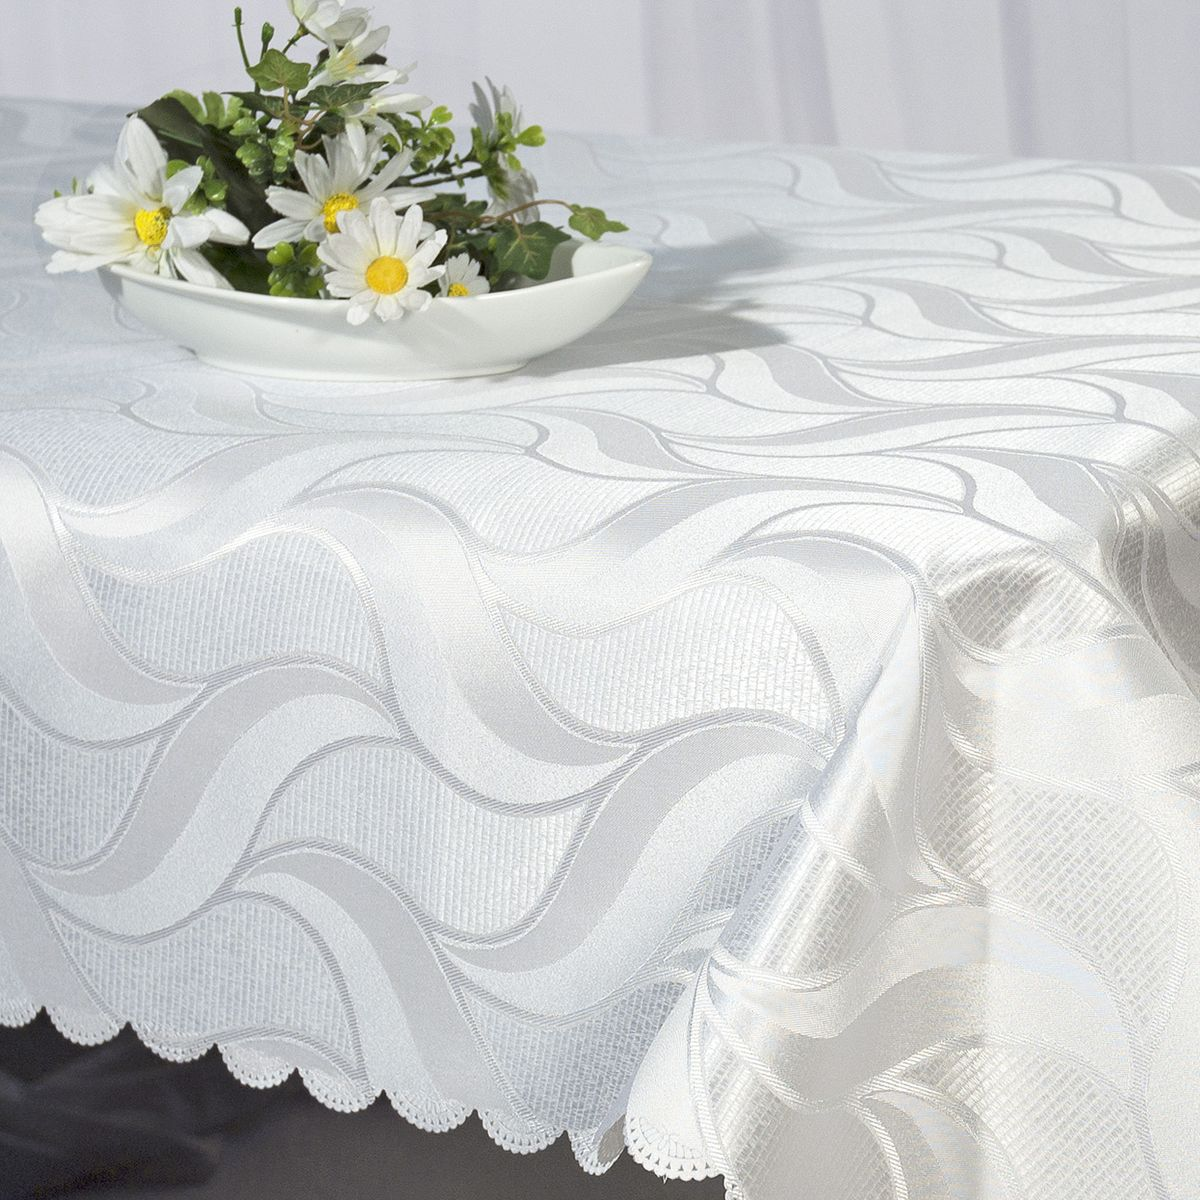 Скатерть Schaefer, прямоугольная, цвет: белый, 130 x 160 см. 07357-42707357-427Стильная скатерть Schaefer выполнена из полиэстера.Изделия из полиэстера легко стирать: они не мнутся, не садятся и быстро сохнут, они более долговечны, чем изделия из натуральных волокон.Немецкая компания Schaefer создана в 1921 году. На протяжении всего времени существования она создает уникальные коллекции домашнего текстиля для гостиных, спален, кухонь и ванных комнат. Дизайнерские идеи немецких художников компании Schaefer воплощаются в текстильных изделиях, которые сделают ваш дом красивее и уютнее и не останутся незамеченными вашими гостями. Дарите себе и близким красоту каждый день!